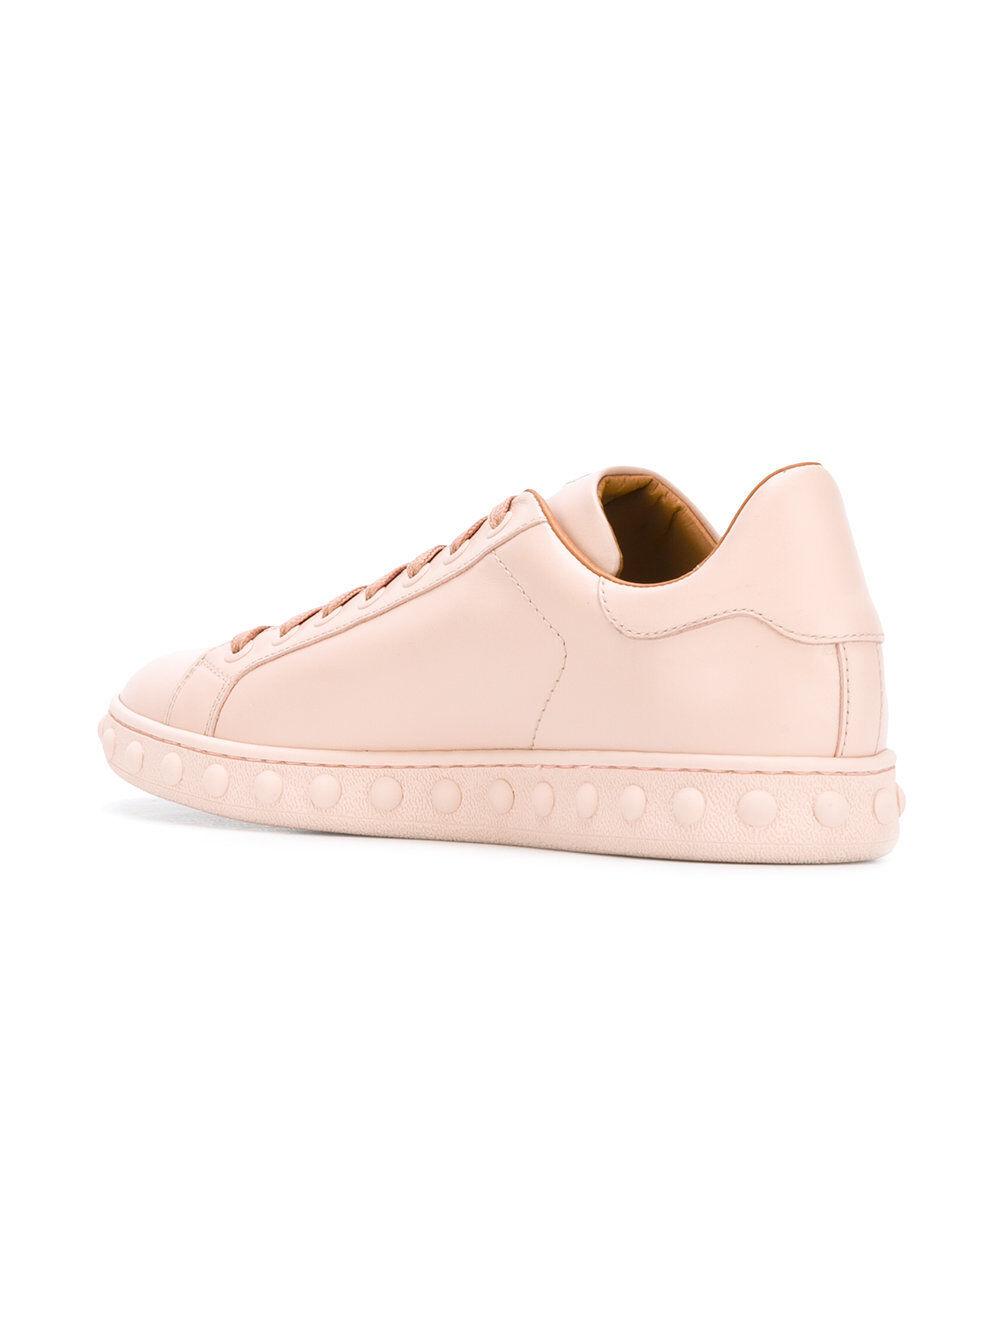 MONCLER Fifi low-top Basket s s s SCARPE DONNA Chaussures femmes Chaussure s 100%AUT.SC7 22af75